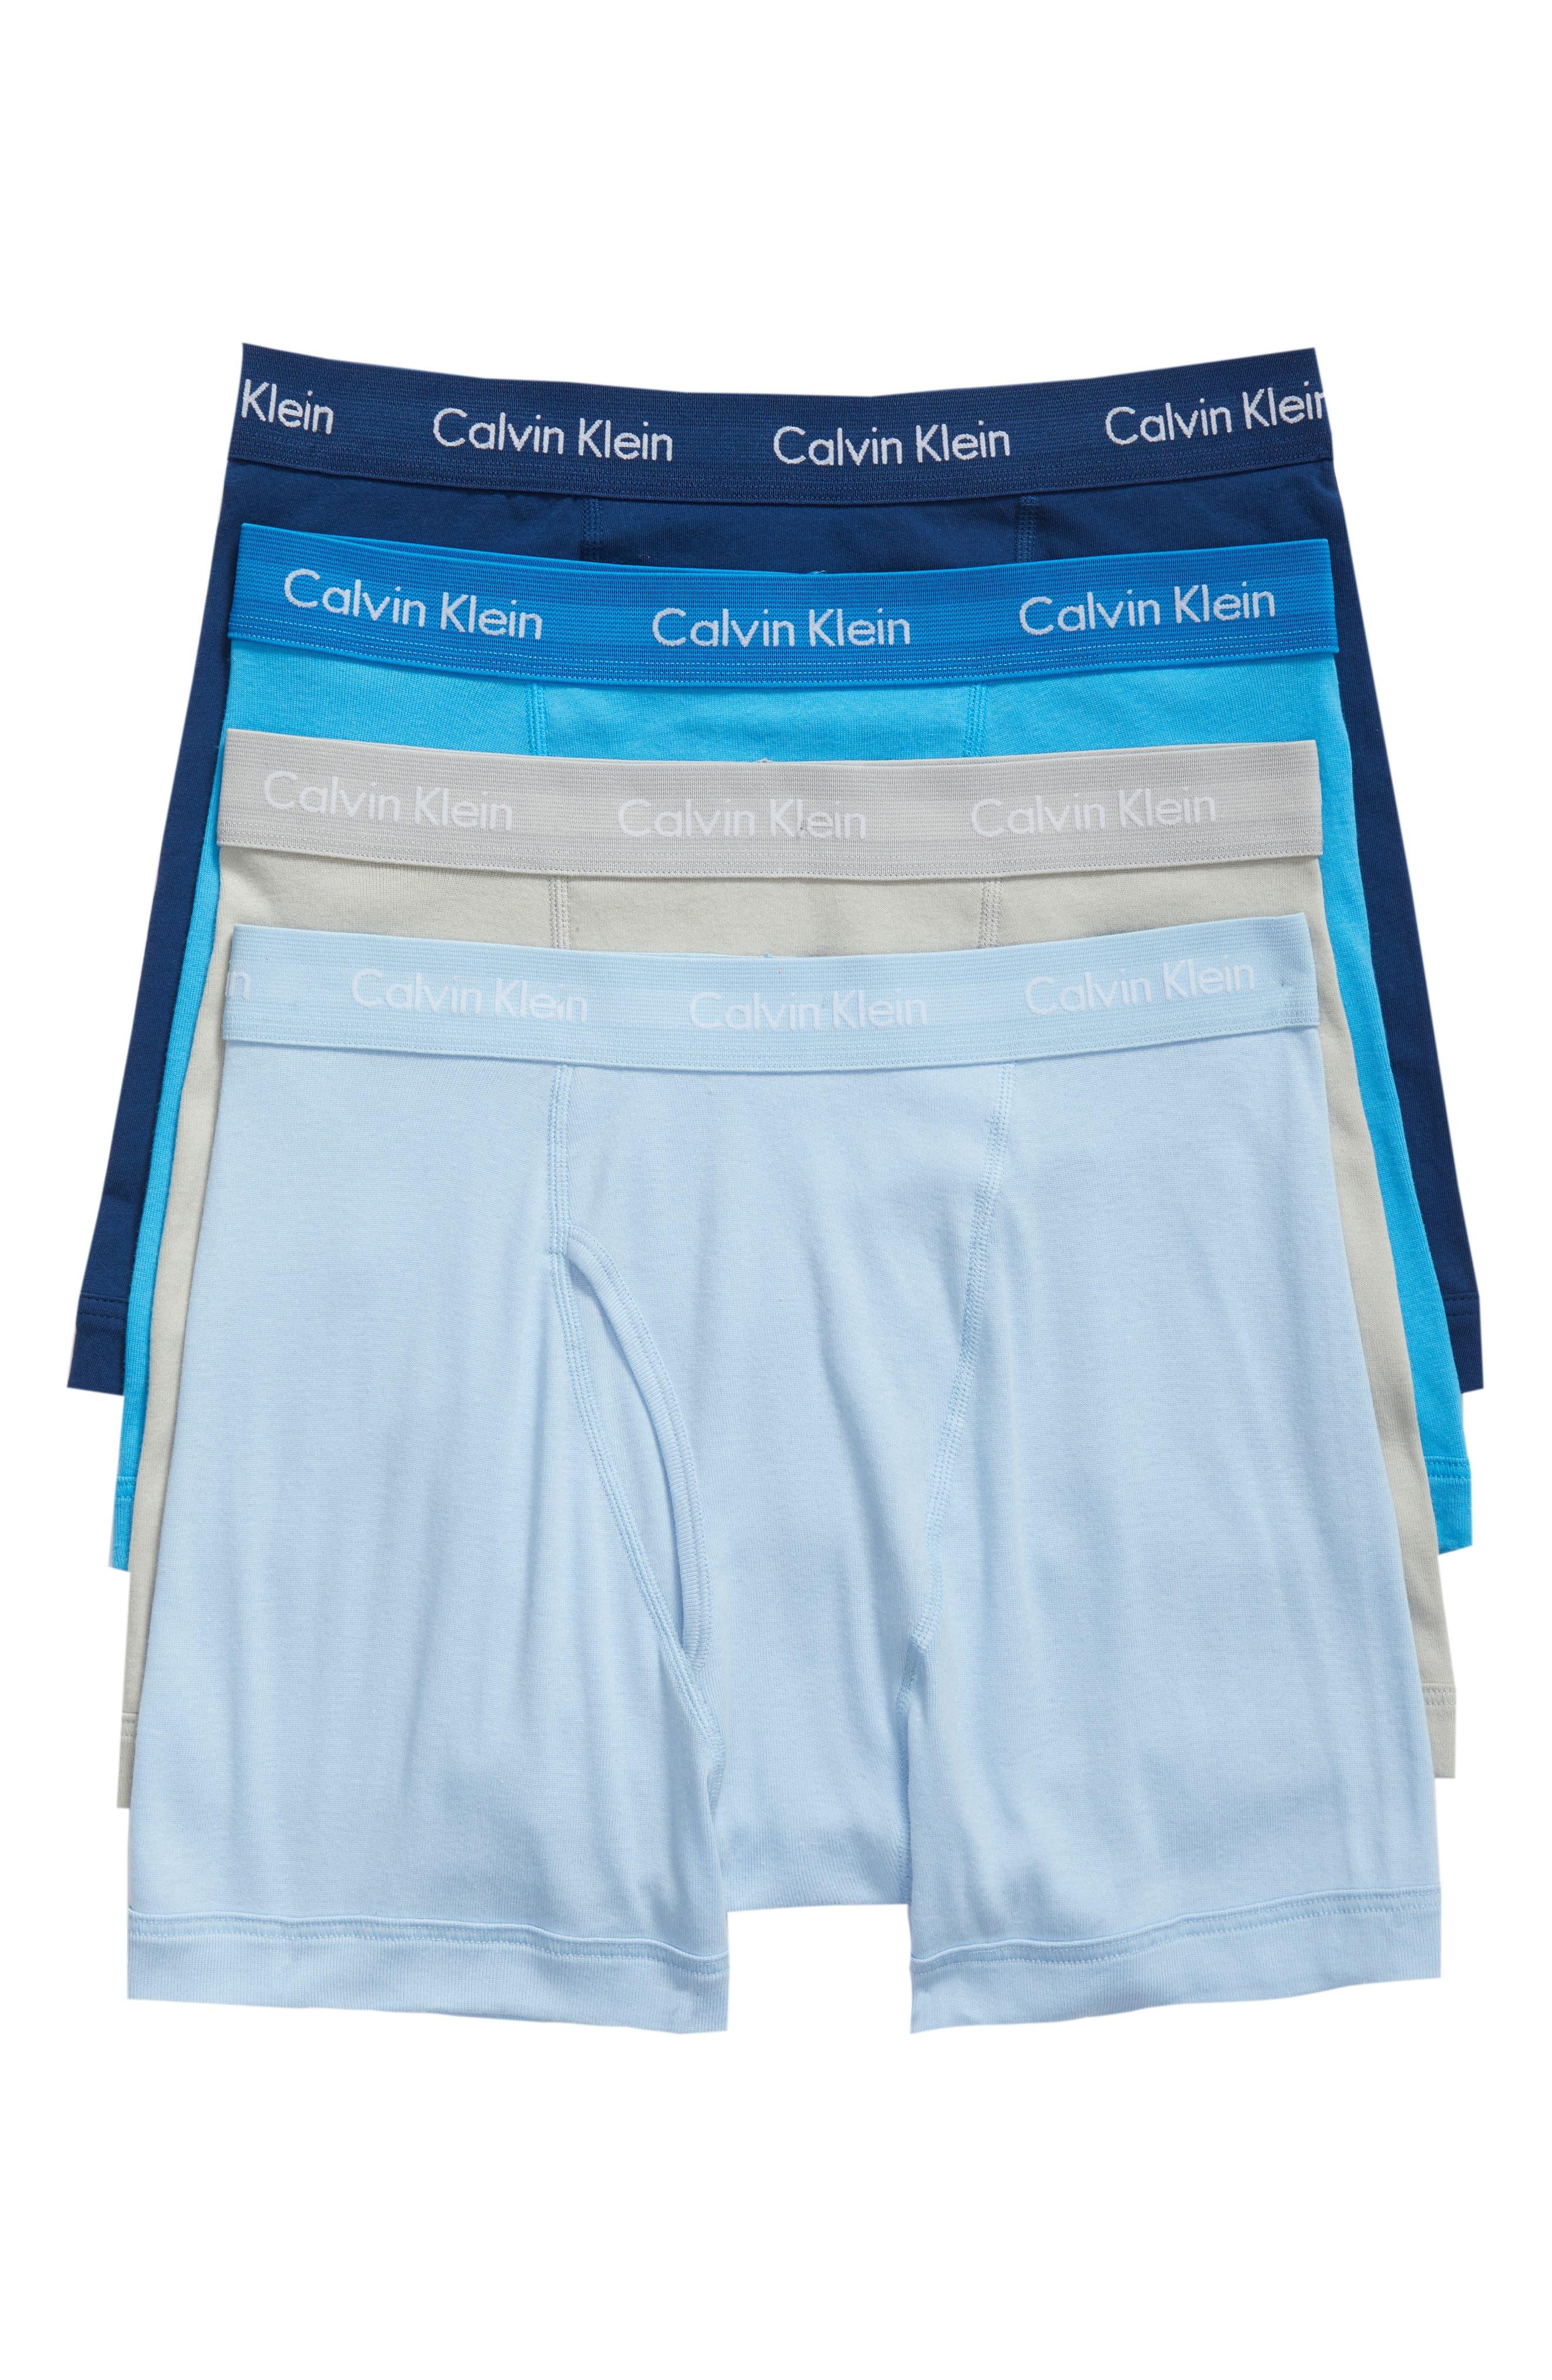 Classic 4-Pack Cotton Boxer Briefs,                             Main thumbnail 1, color,                             Gaze/ Blue Multi